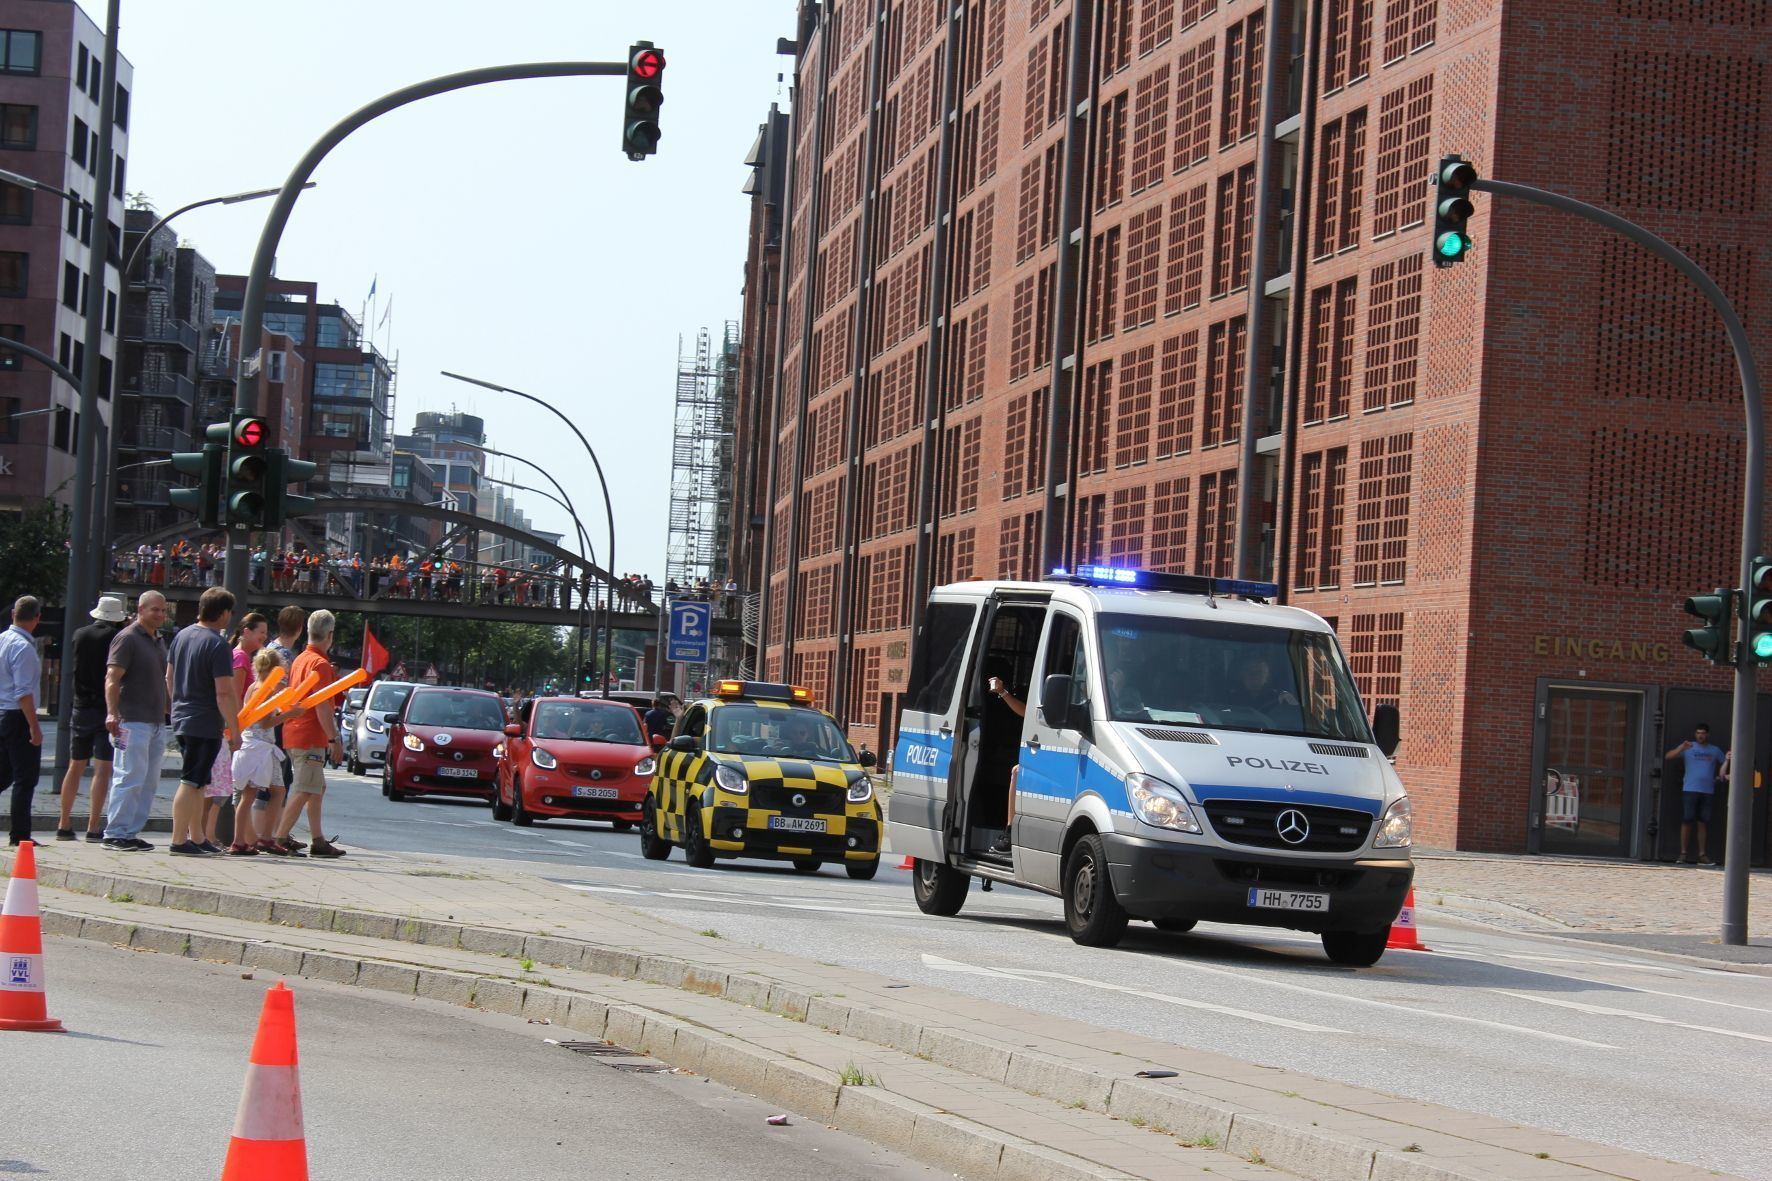 mid Hamburg - Smart-Invasion in Hamburg: Für den Autokorso im Rahmen des Fan-Treffens Smart Times haben die Ordnungshüter eine acht Kilometer lange Strecke in der Innenstadt abgesperrt und bieten Geleitschutz.